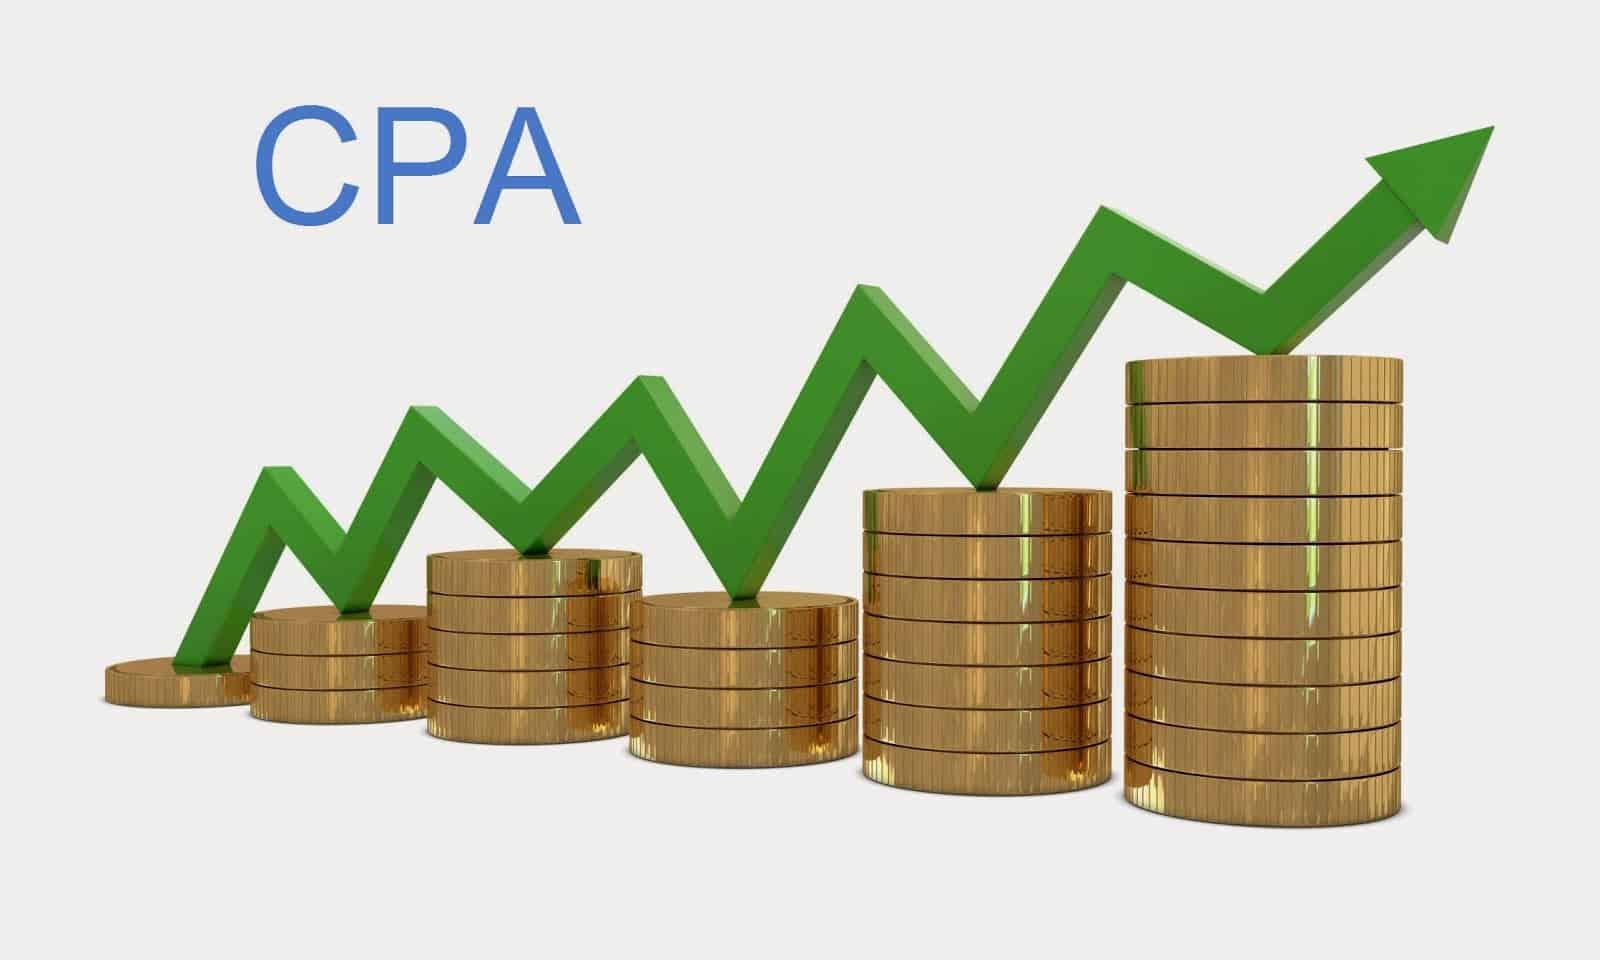 قائمة بأسماء أفضل شركات CPA